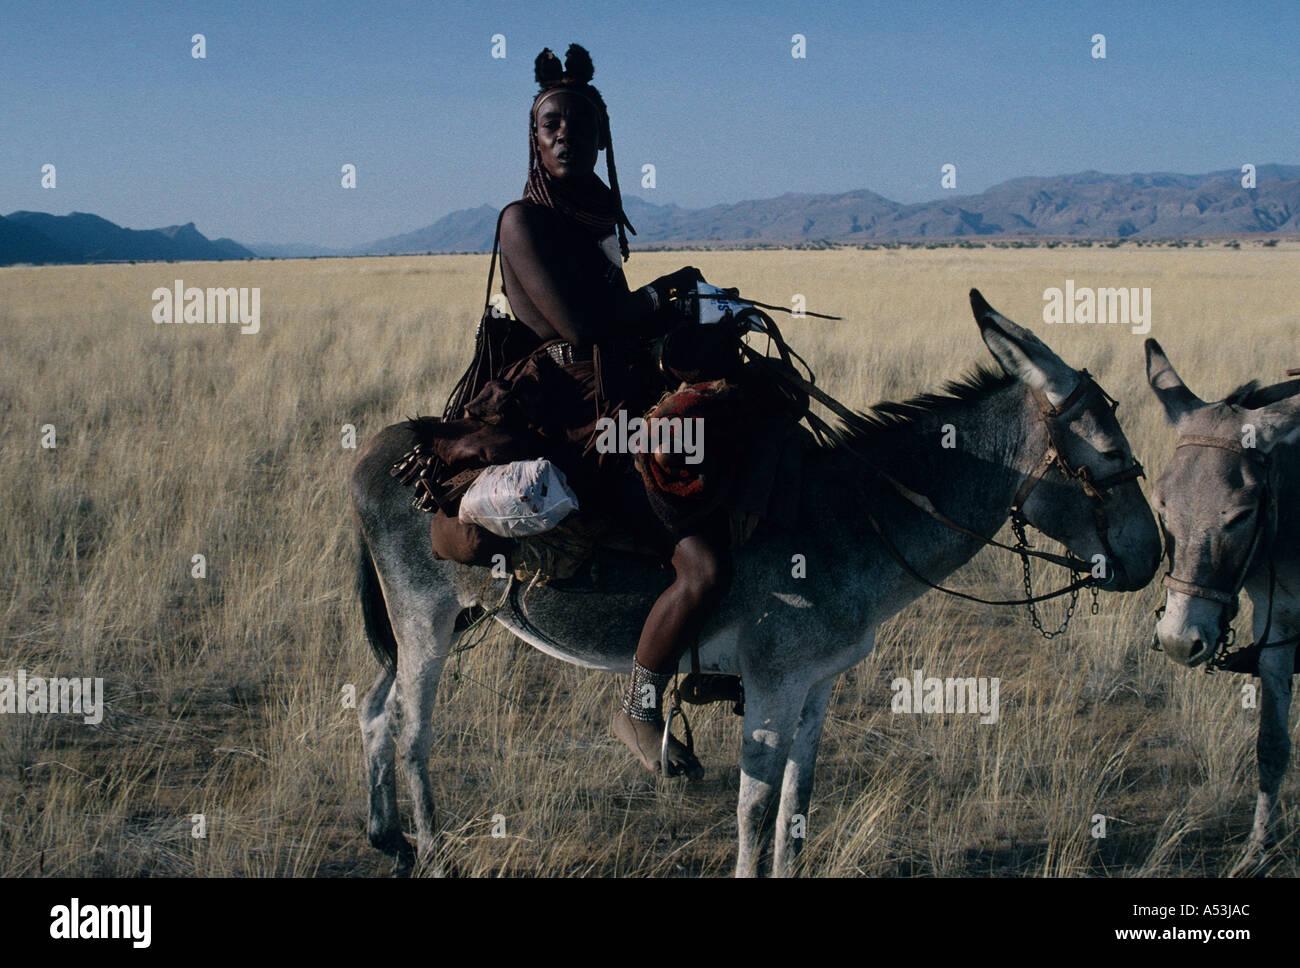 Himba donne nomadi nel tradizionale abbigliamento in pelle attraversando il Marienfluss su donkey in Kaokoland Namibia settentrionale Foto Stock